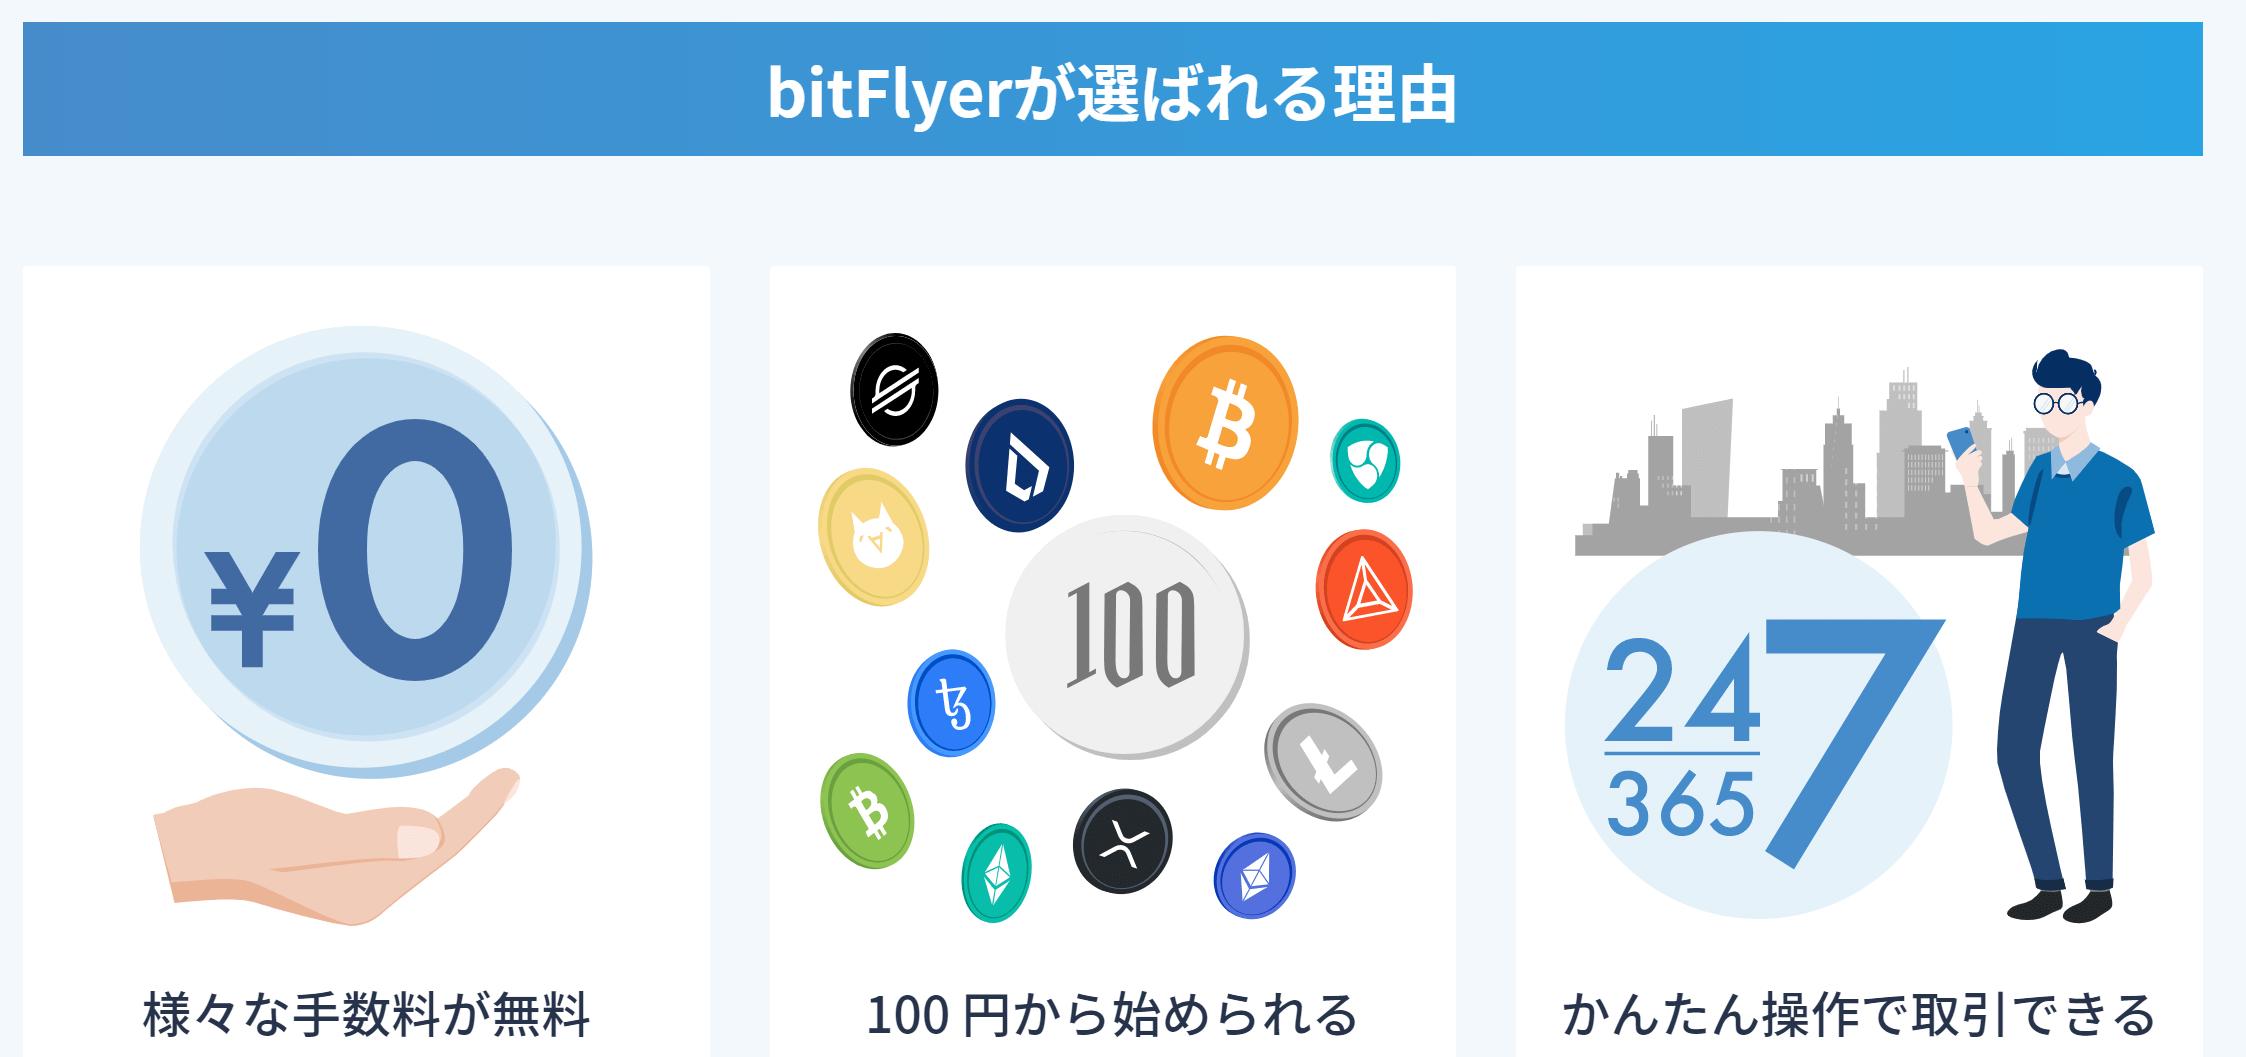 bitFlyerの評判・口コミ&おすすめ評価ポイント